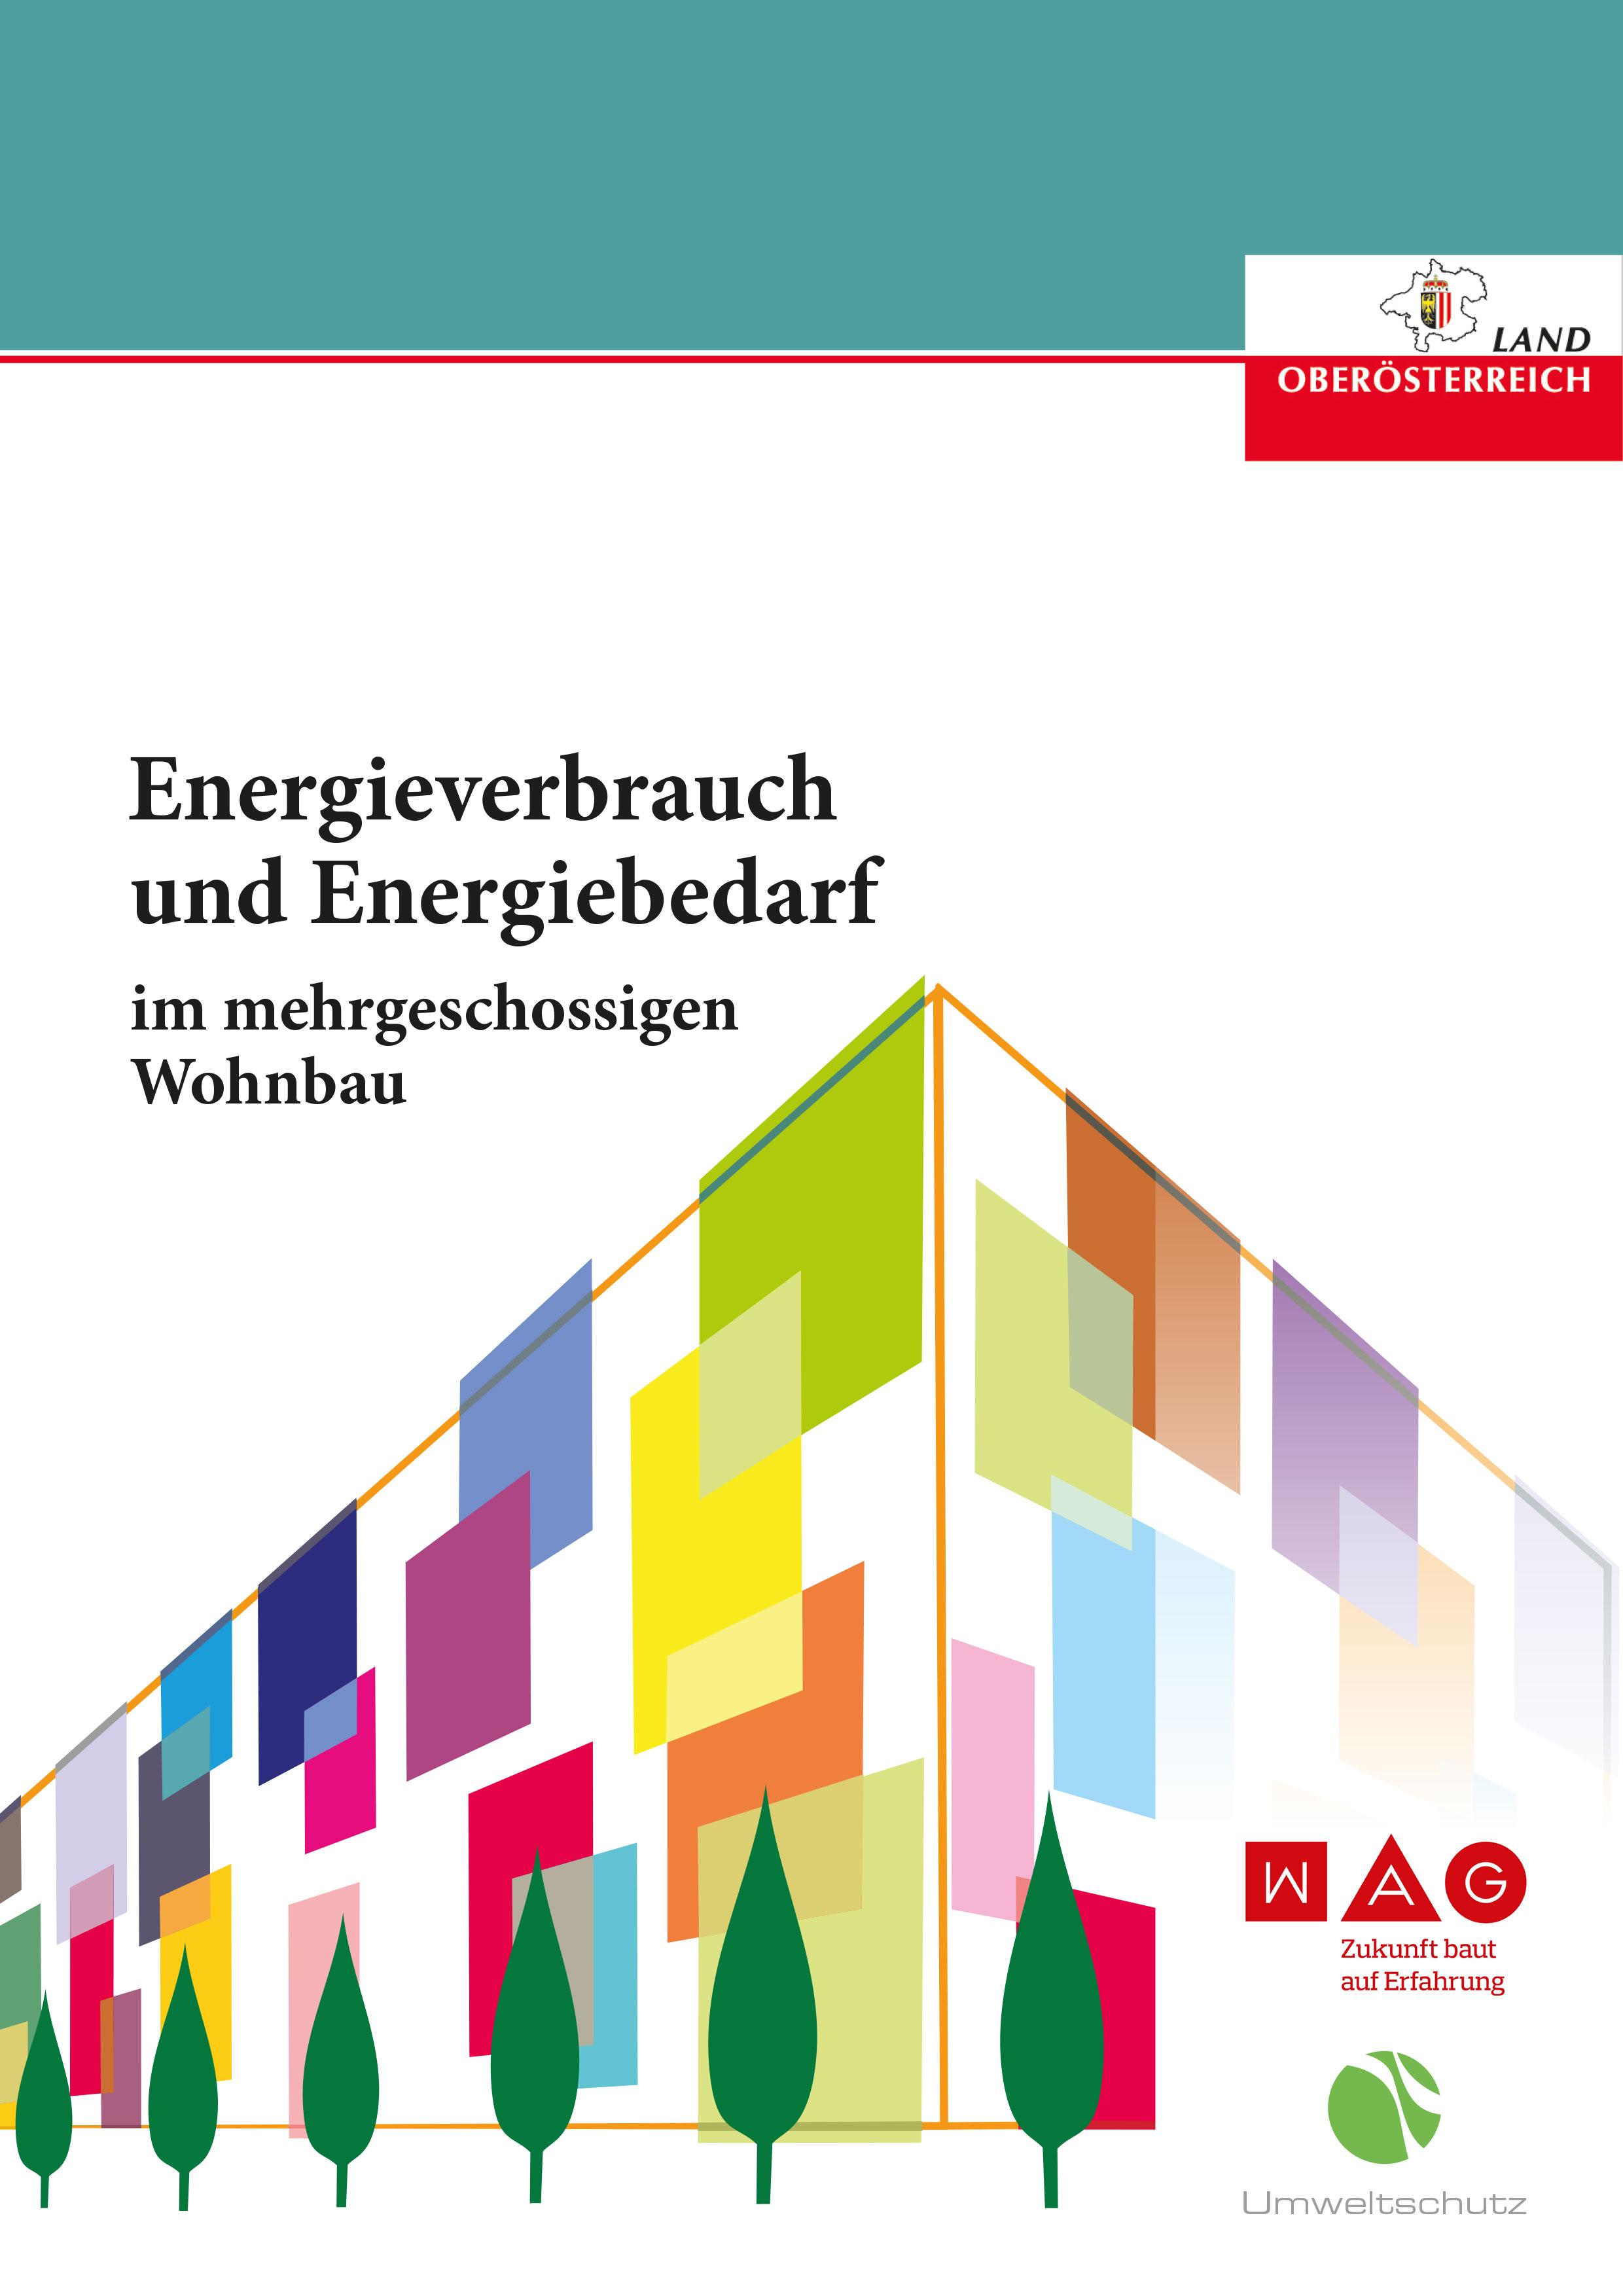 Energieverbrauch und Energiebedarf im mehrgeschossigen Wohnbau